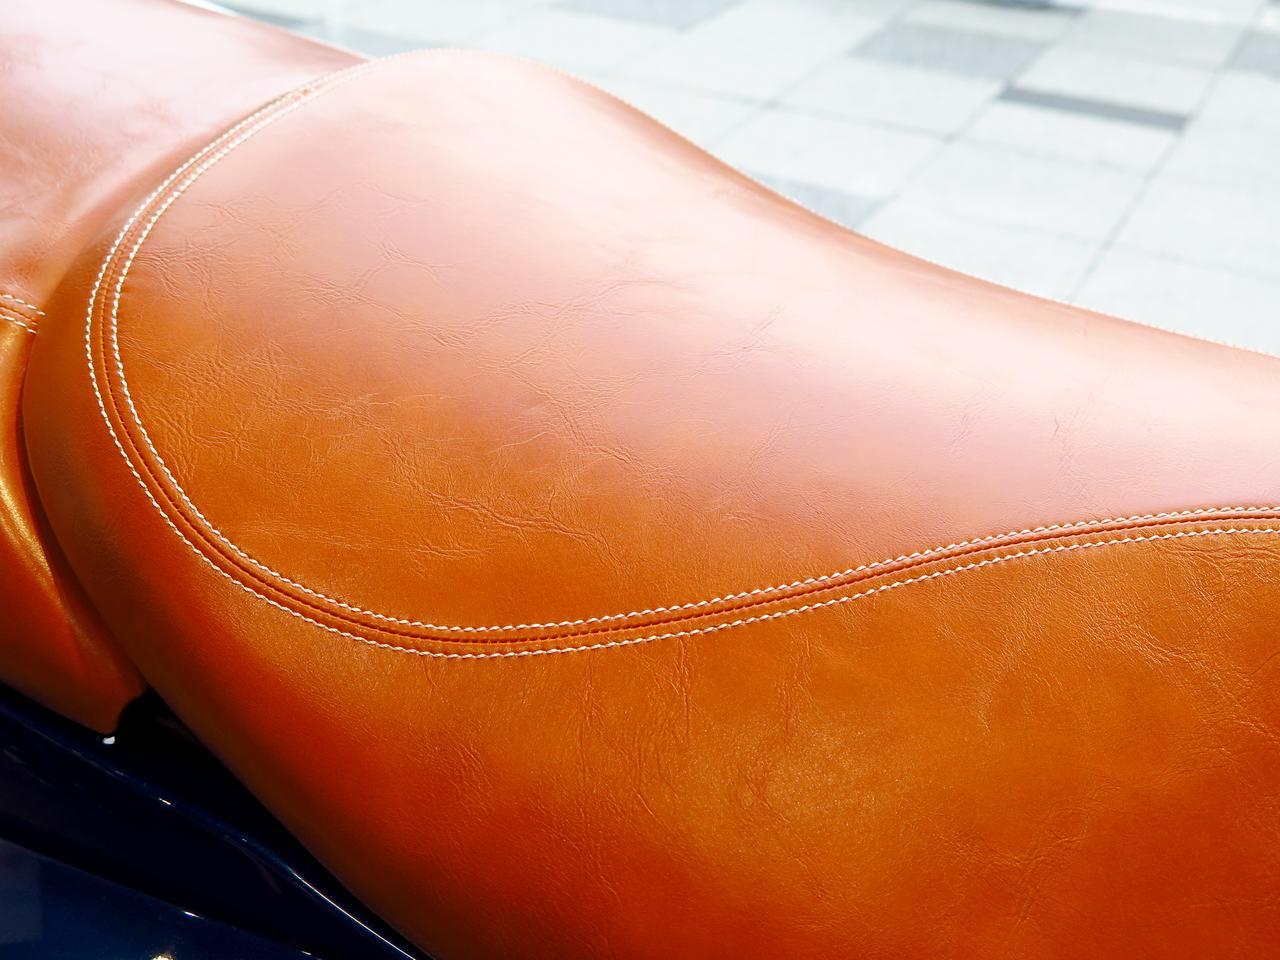 Images : 3番目の画像 - 気品ある質感。ムラをあえて出したシートの表皮も高級感満点! - webオートバイ